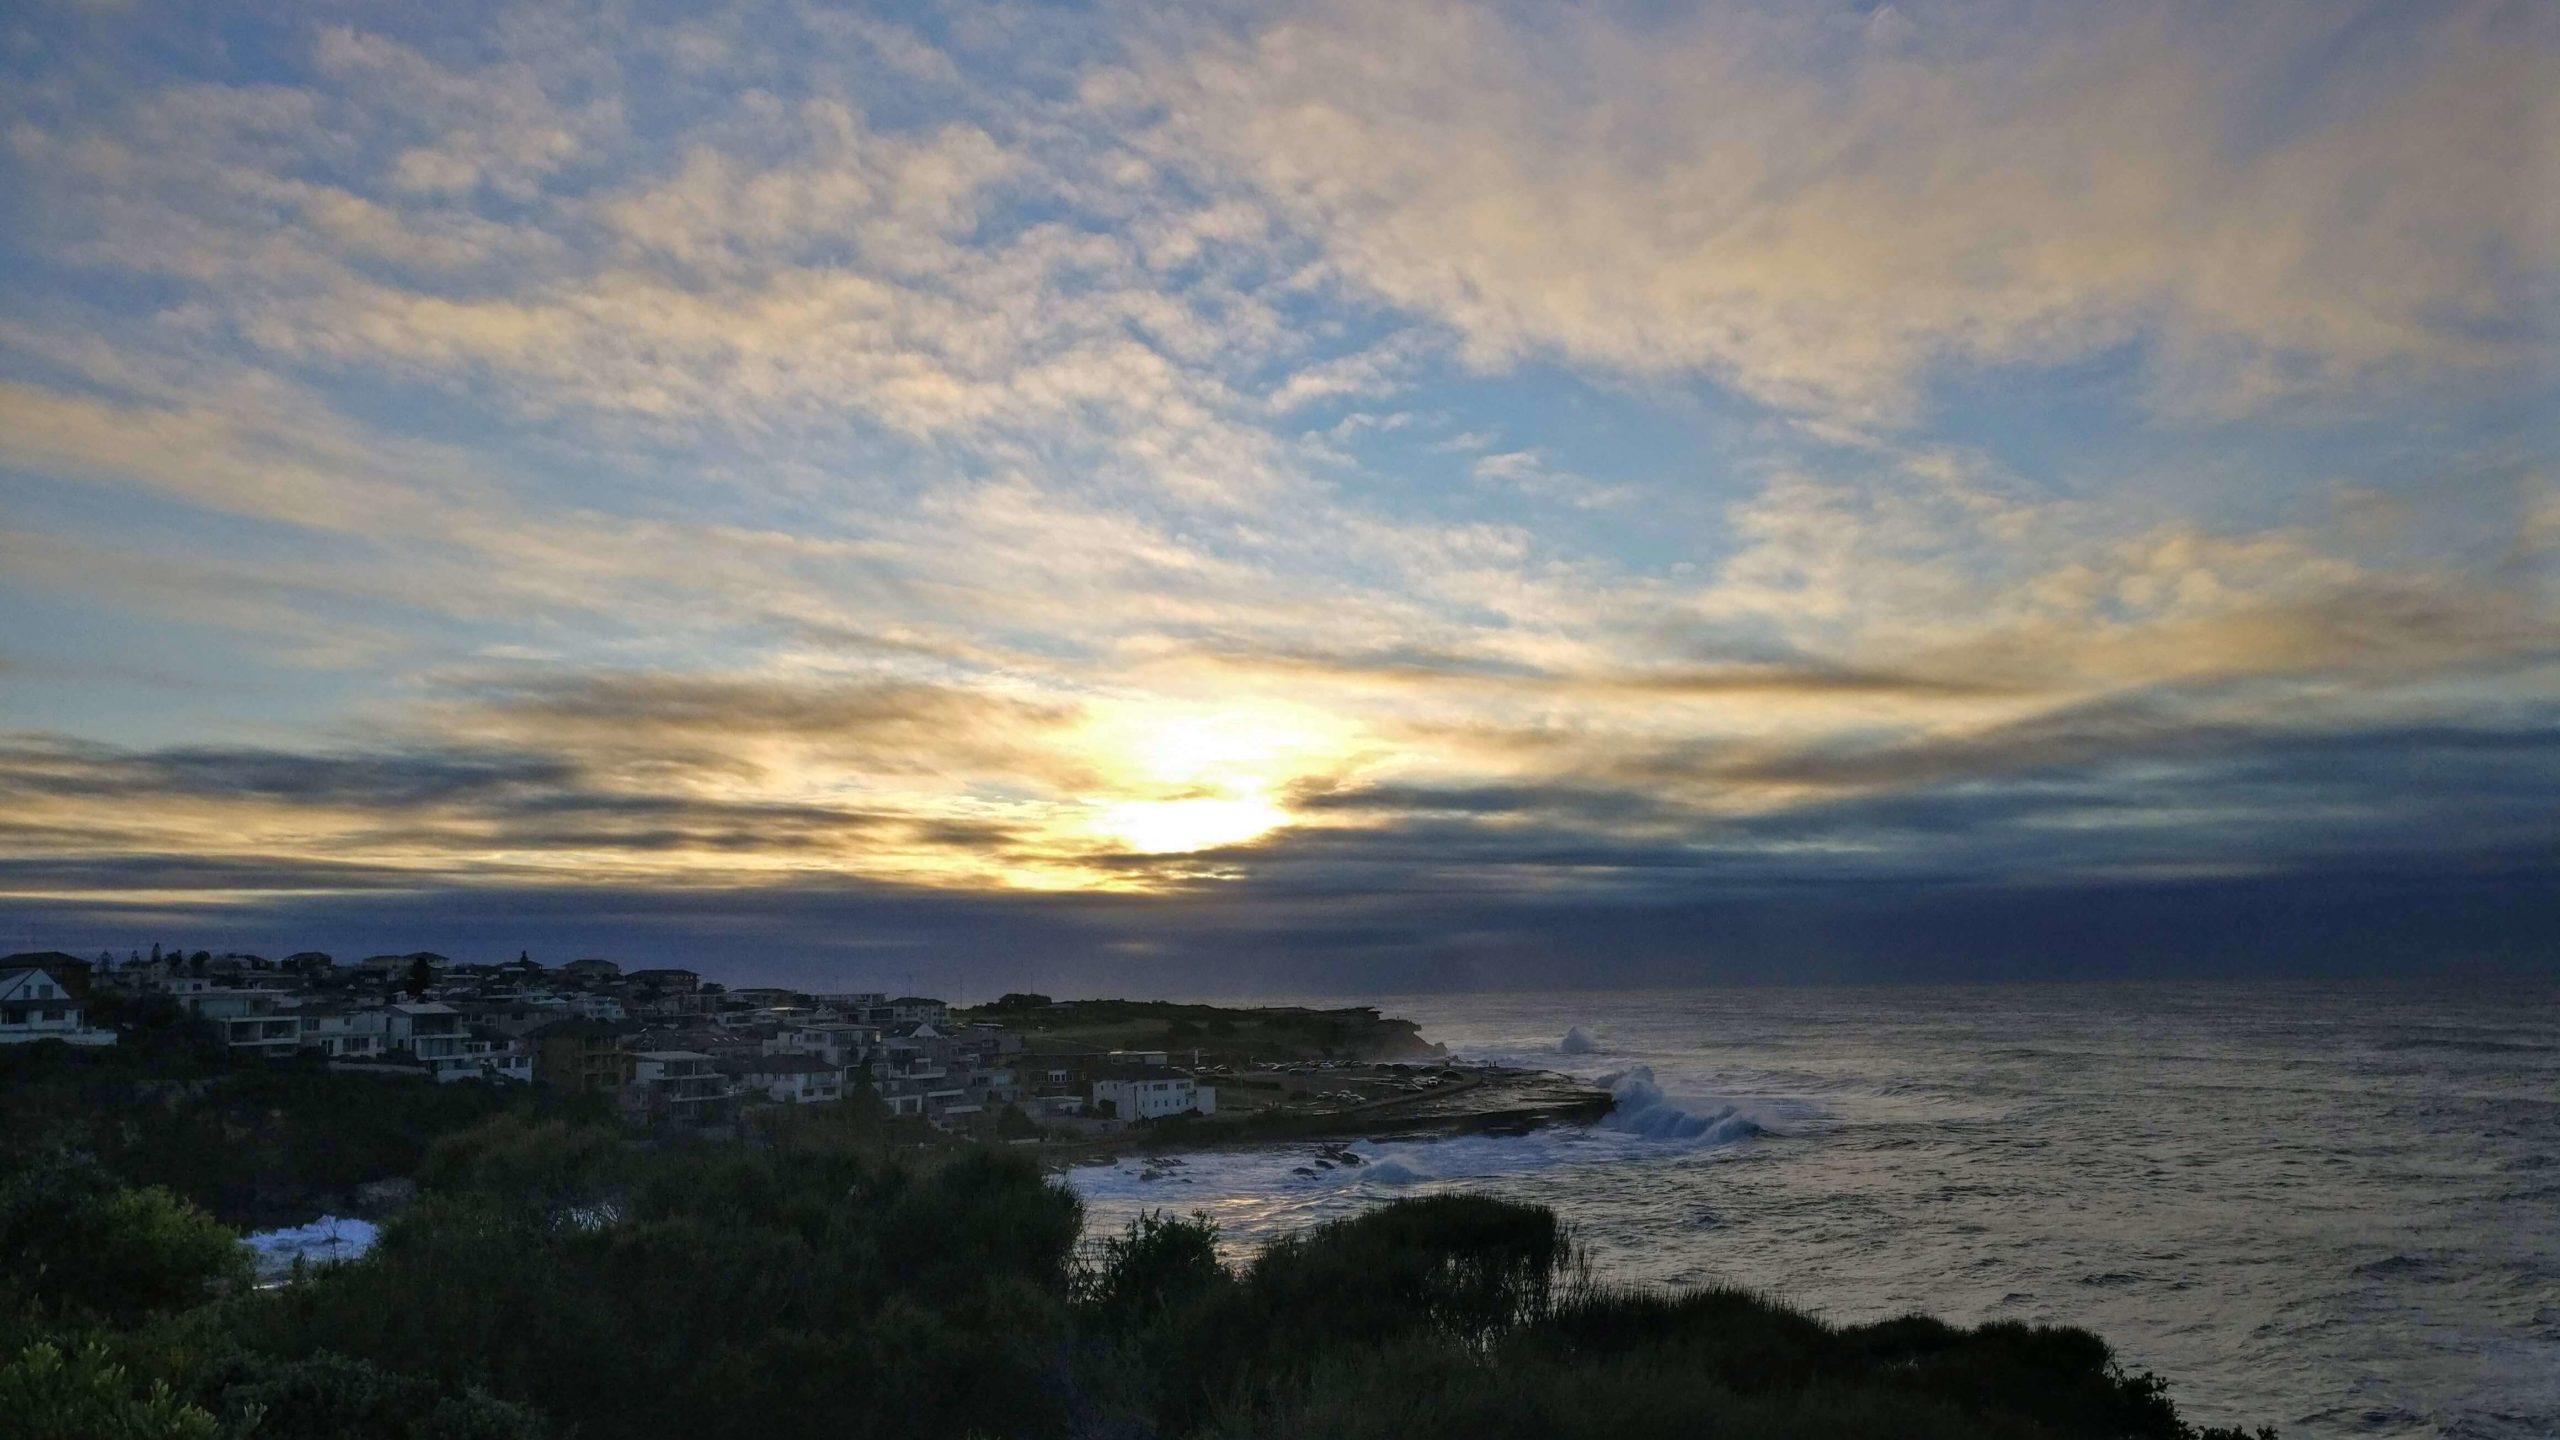 悉尼周边游之Coogee看日出